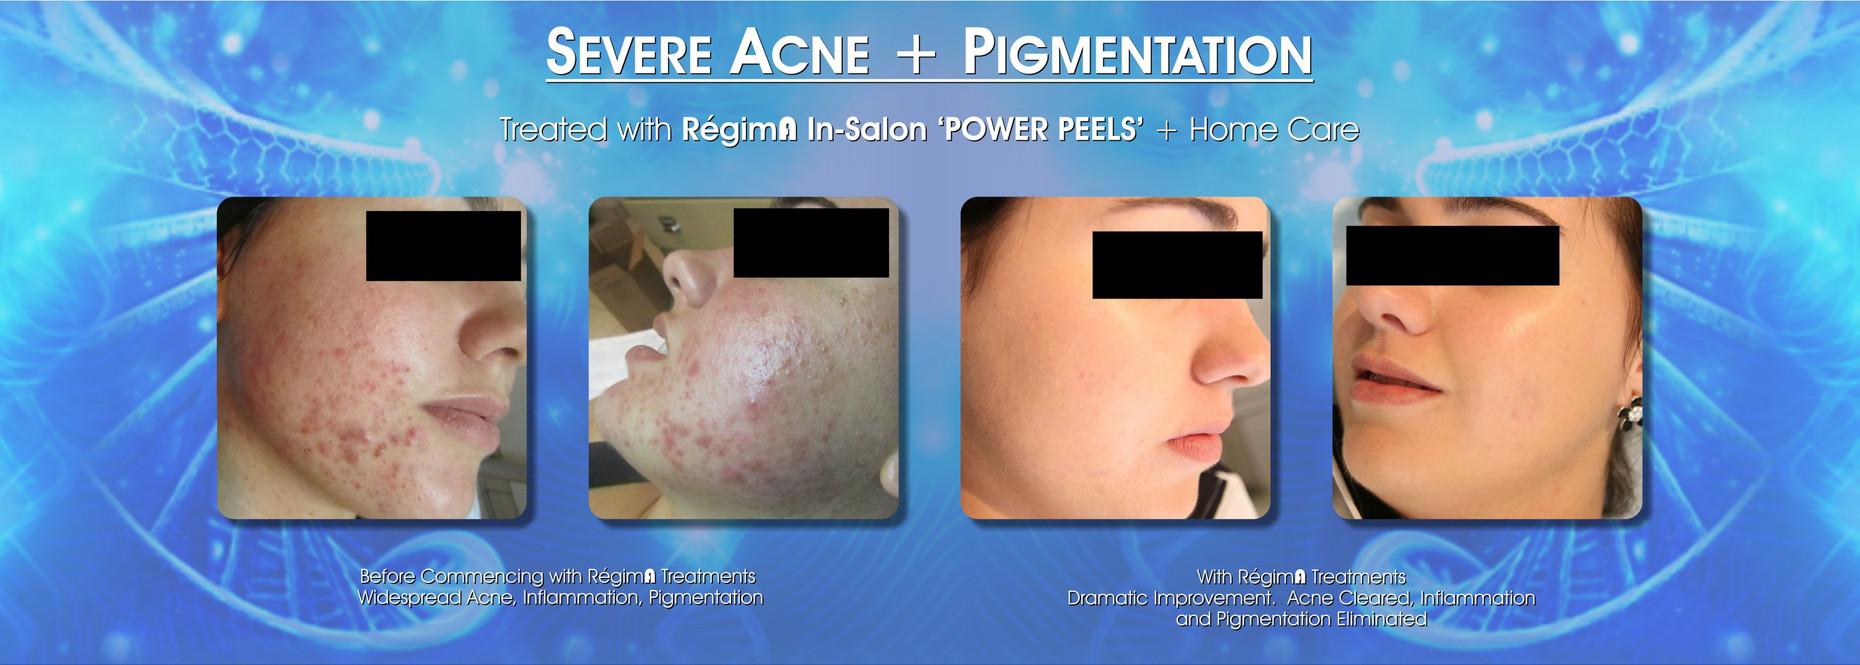 Severe Acne & Pigmentation